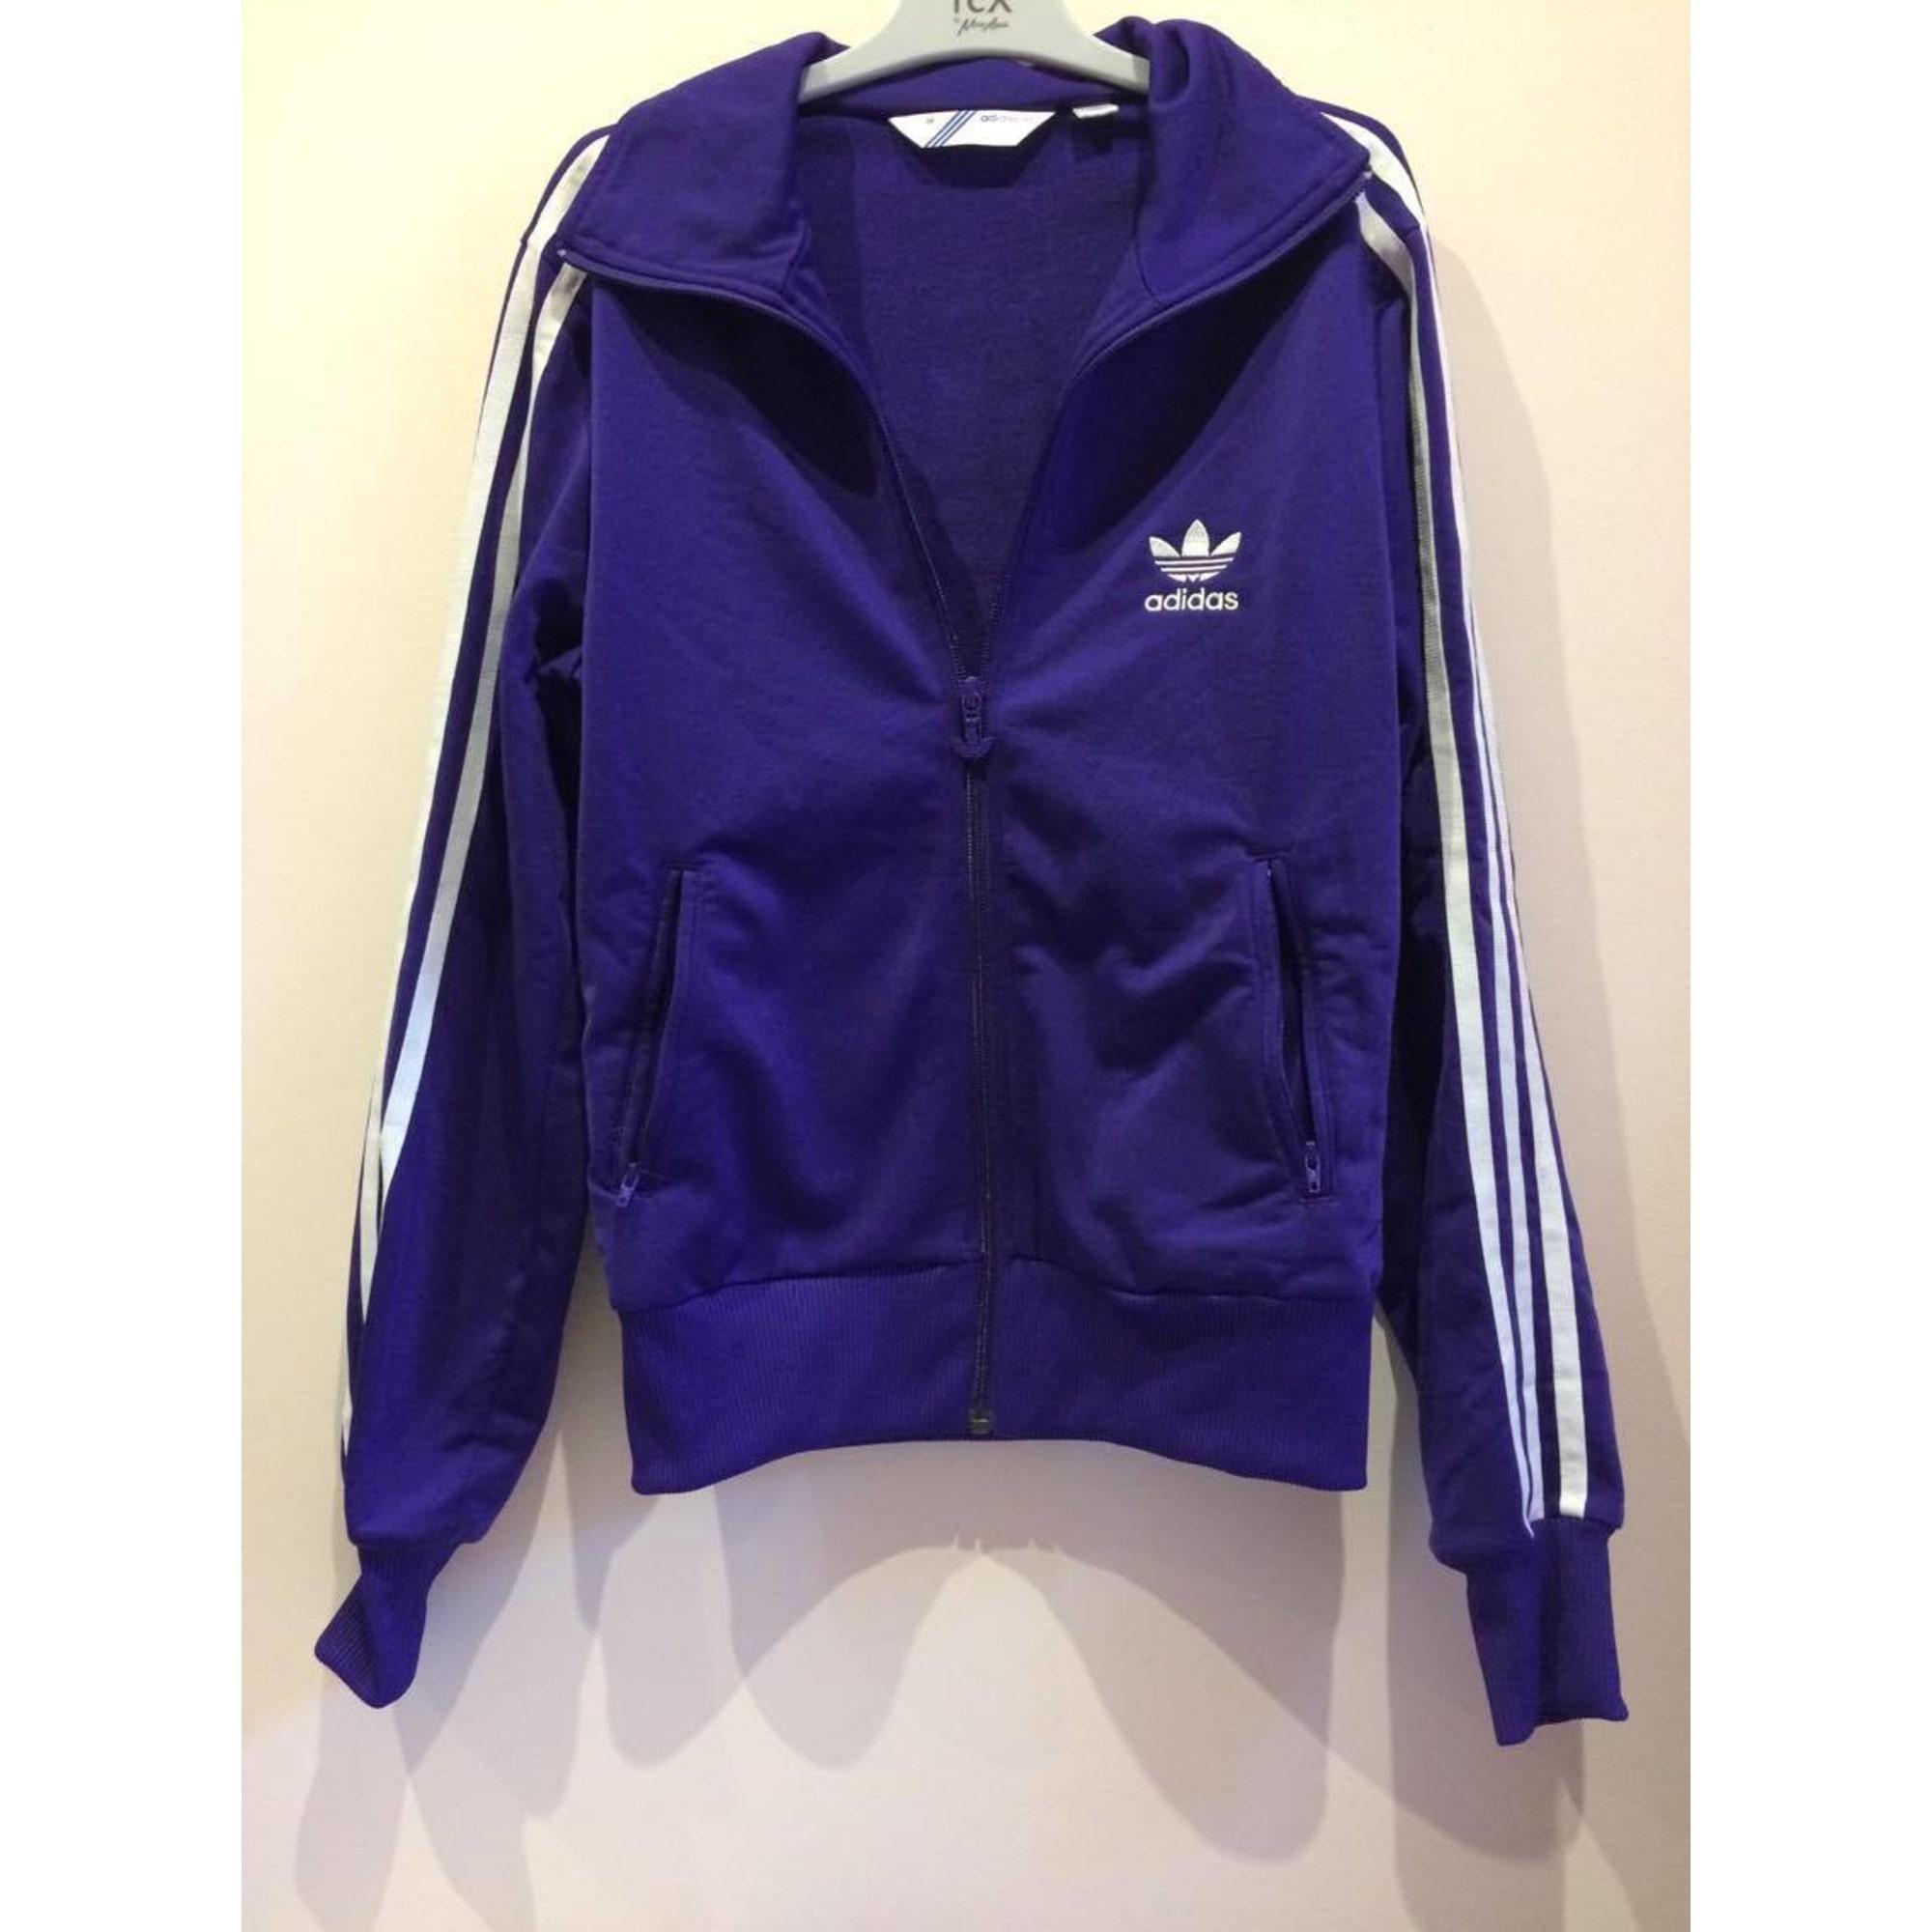 36 Femme Adidas Violette Veste rBhtdCsQx